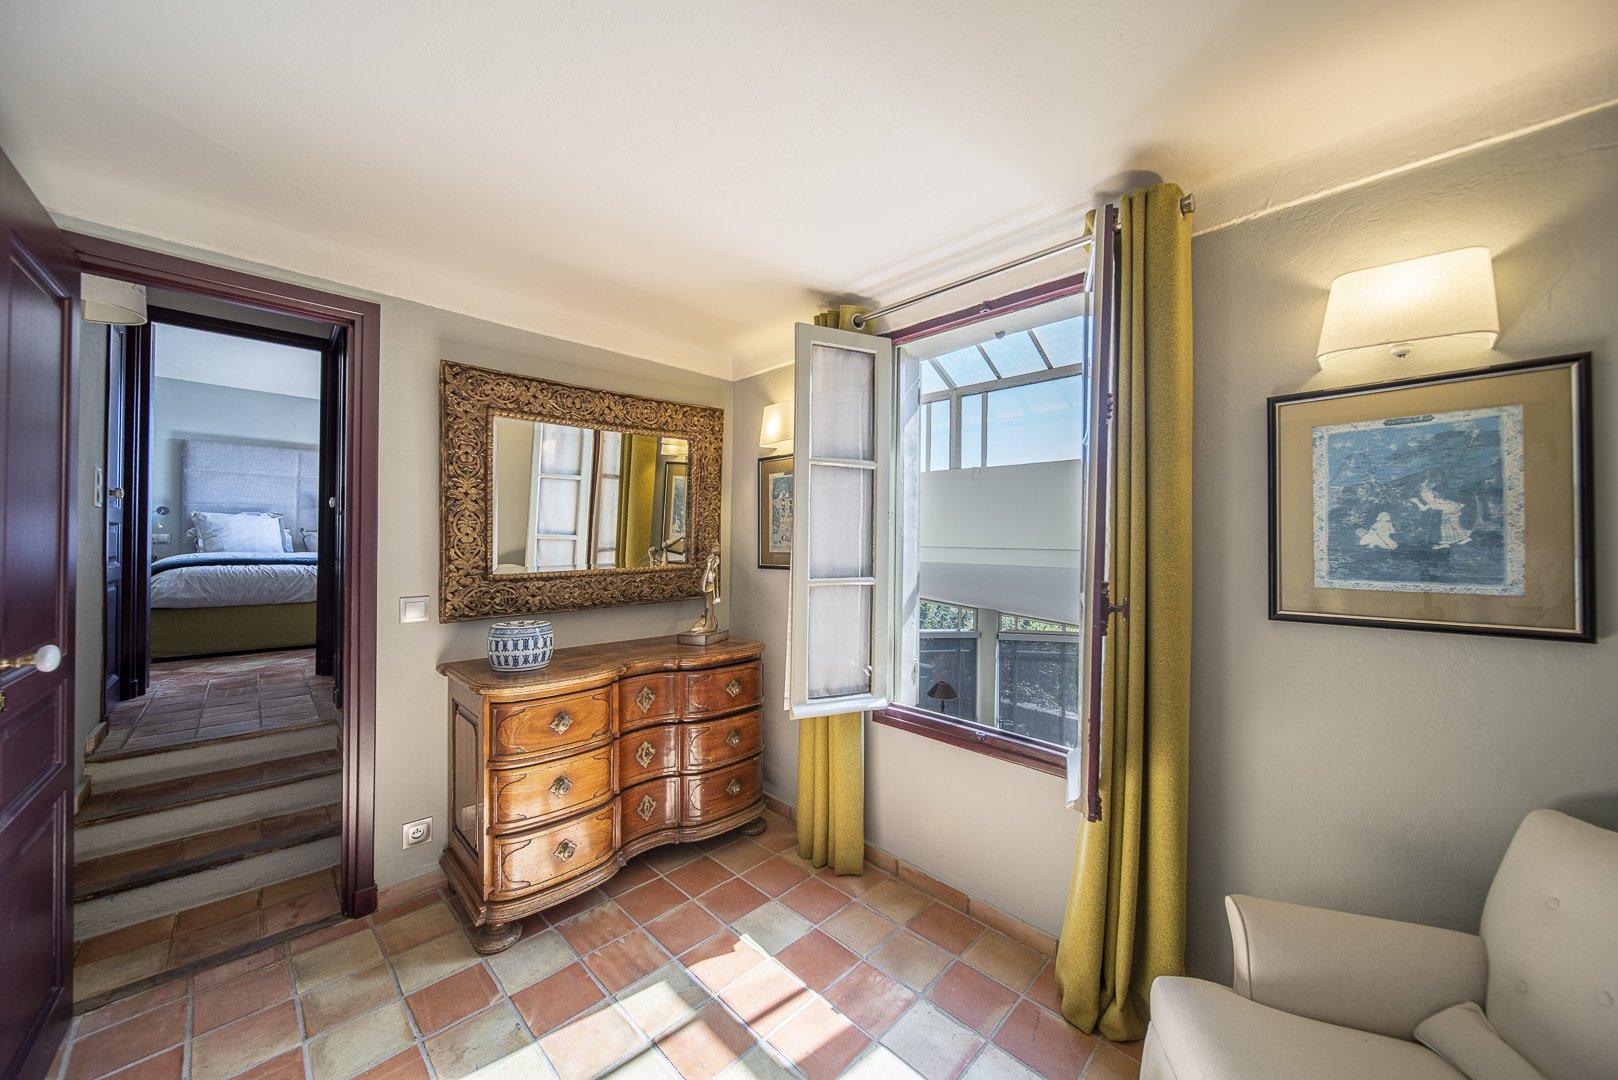 Verkauf Steinhaus - Châteauneuf-Grasse - Frankreich